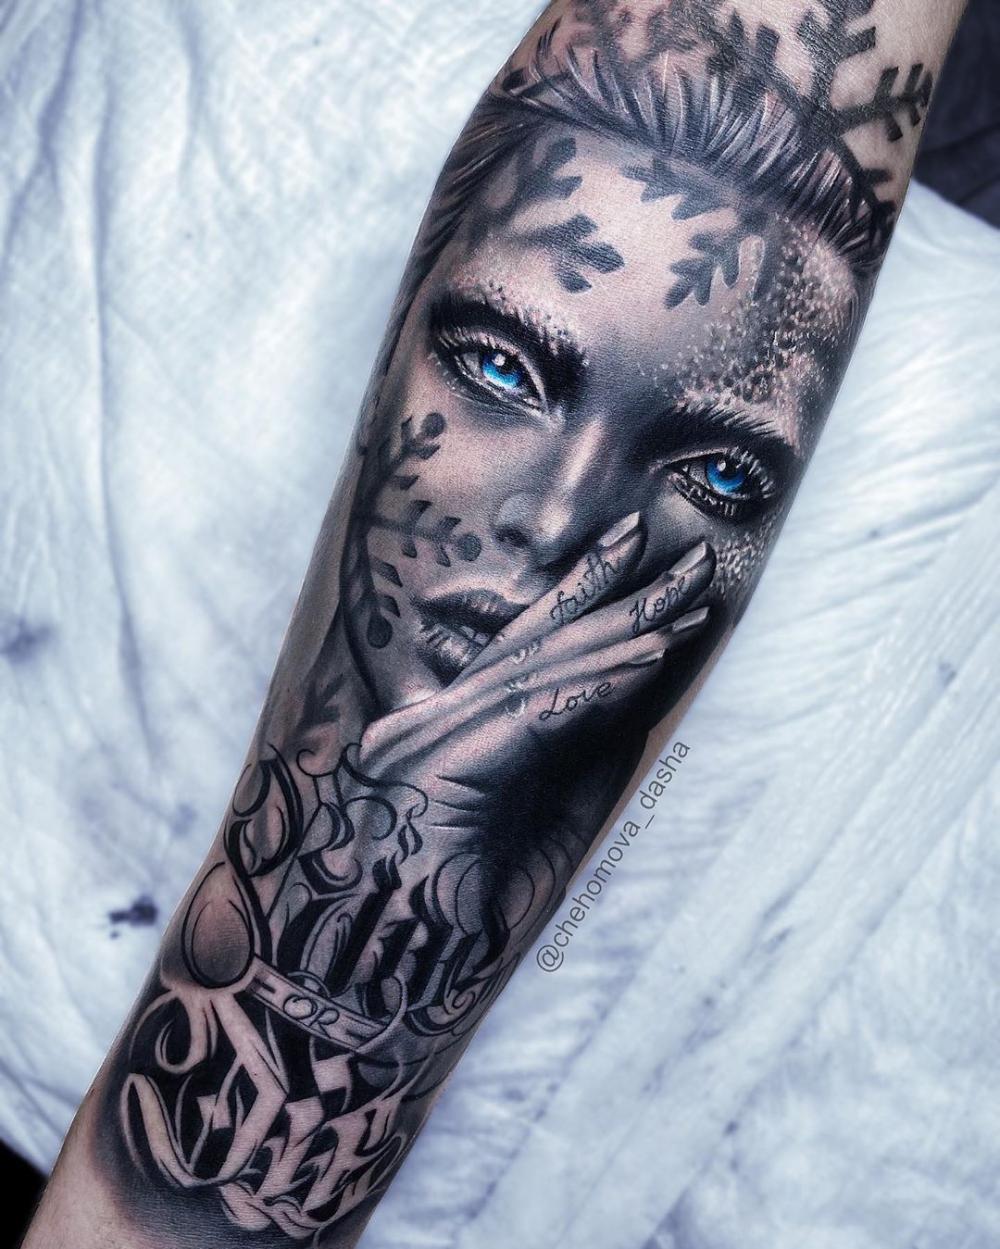 Pin by Marija on tattooooo in 2020 Tattoos, Tattoo